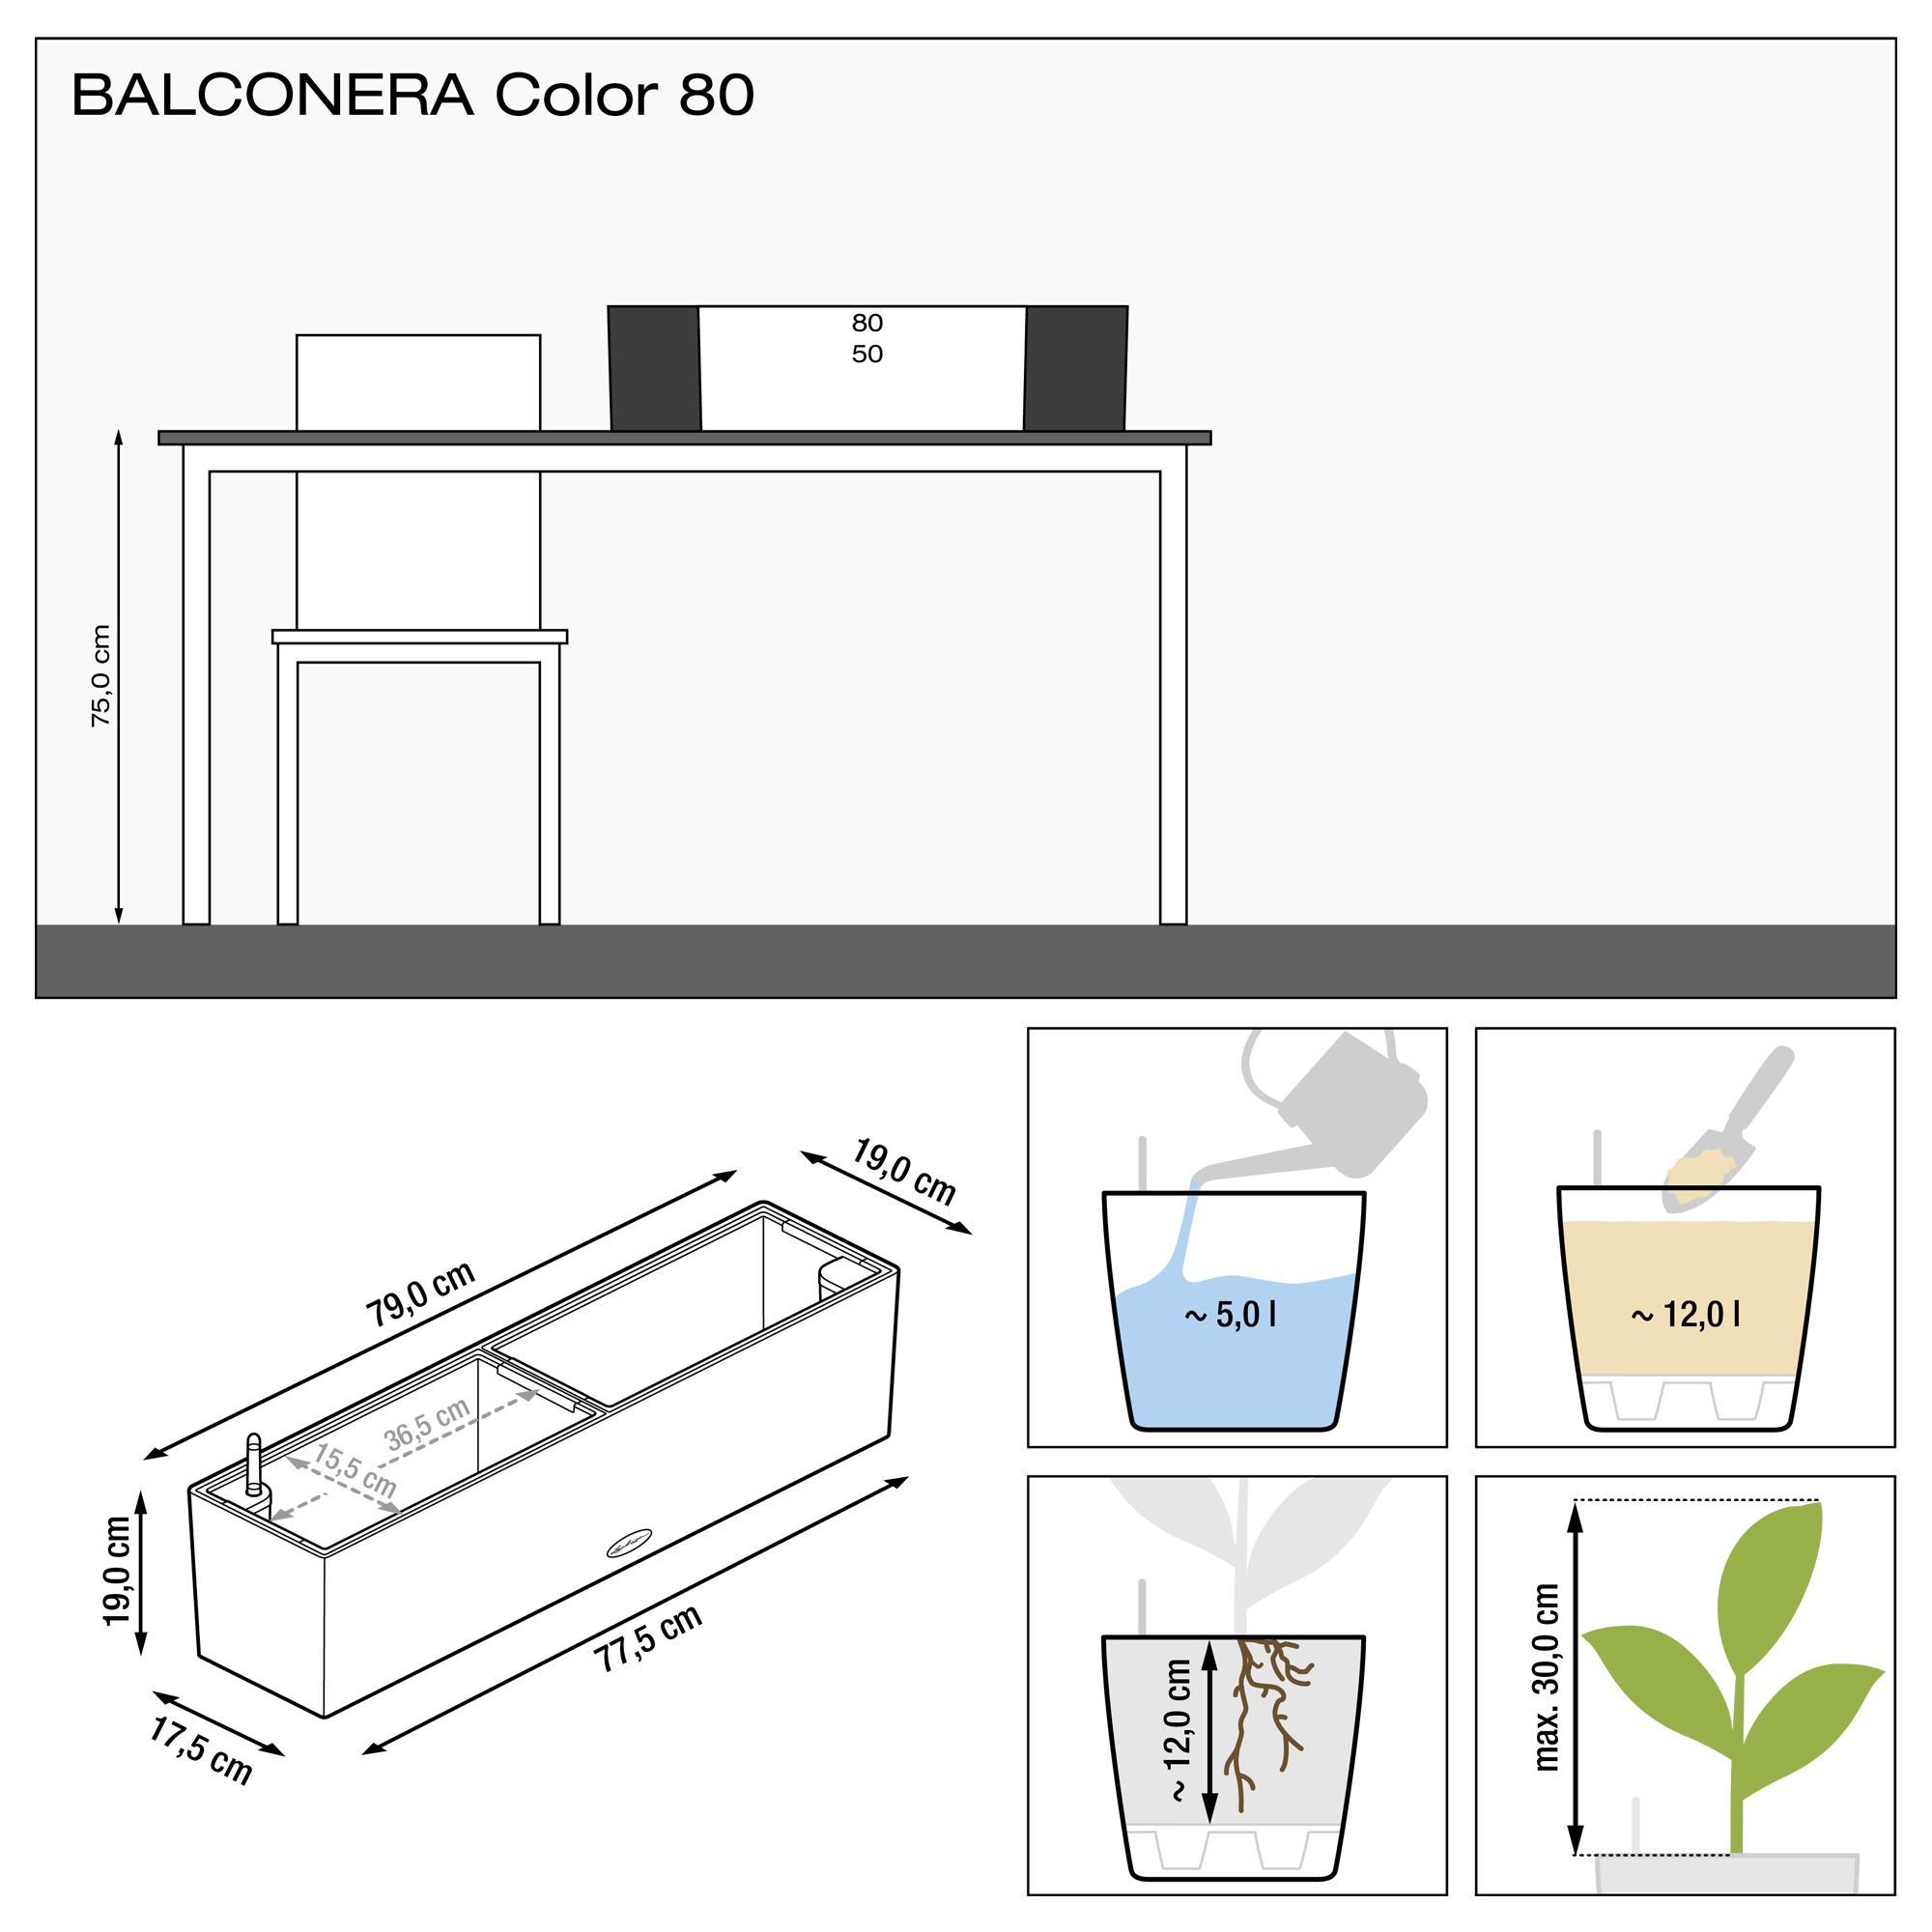 BALCONERA Color 80 nutmeg - Image 3